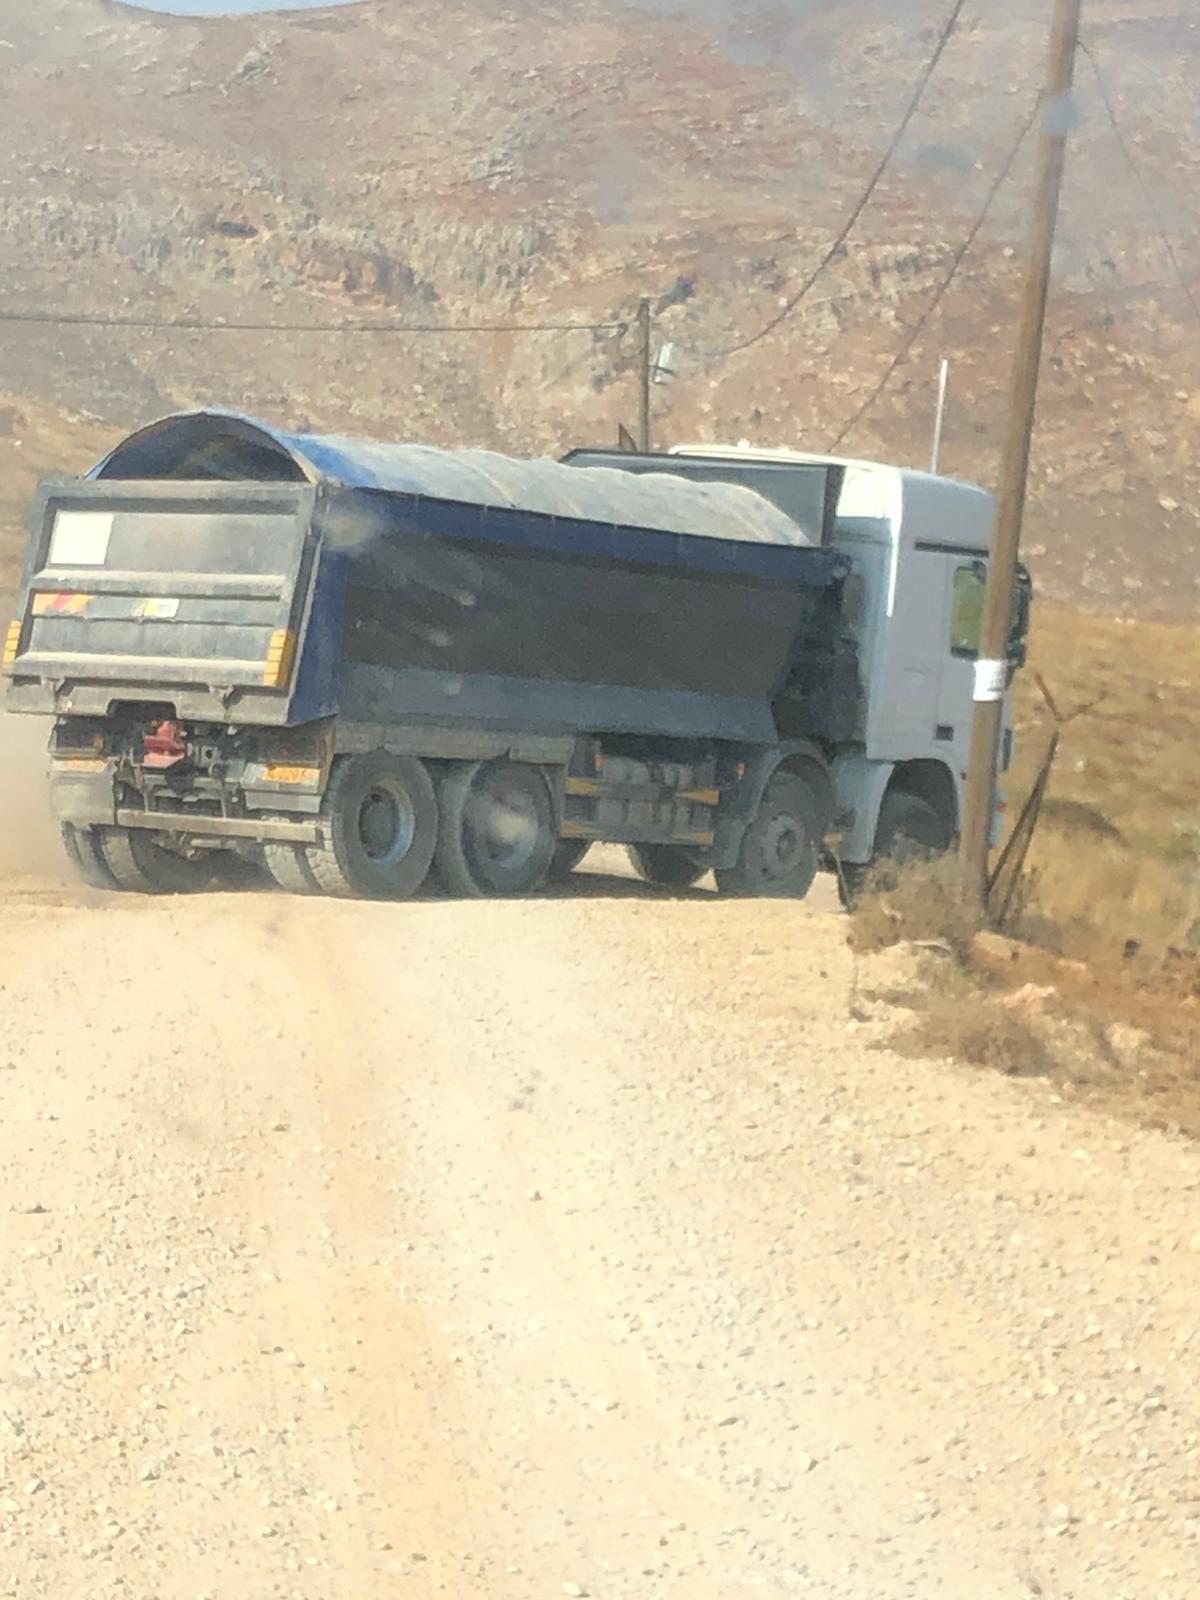 אחת המשאיות (צילום: דוברת המשטרה)